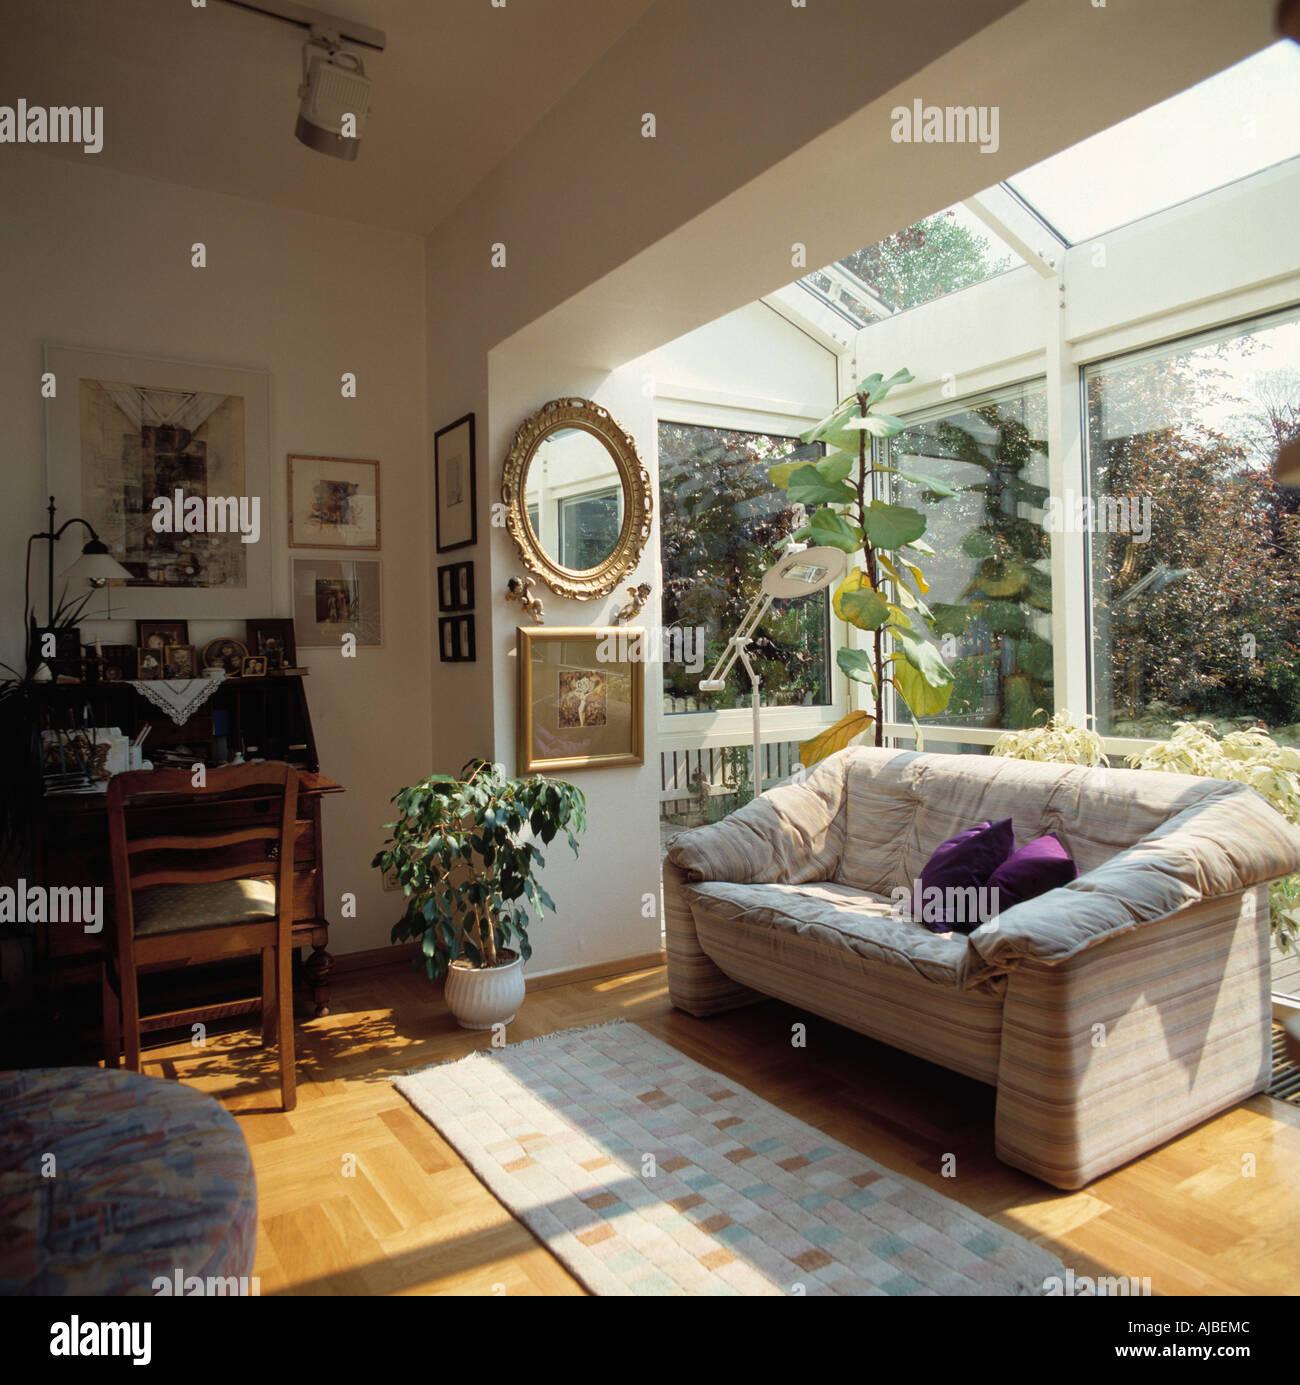 Sofa Vor Fenster bequemes sofa vor fenster im kleinen glas erweiterung des